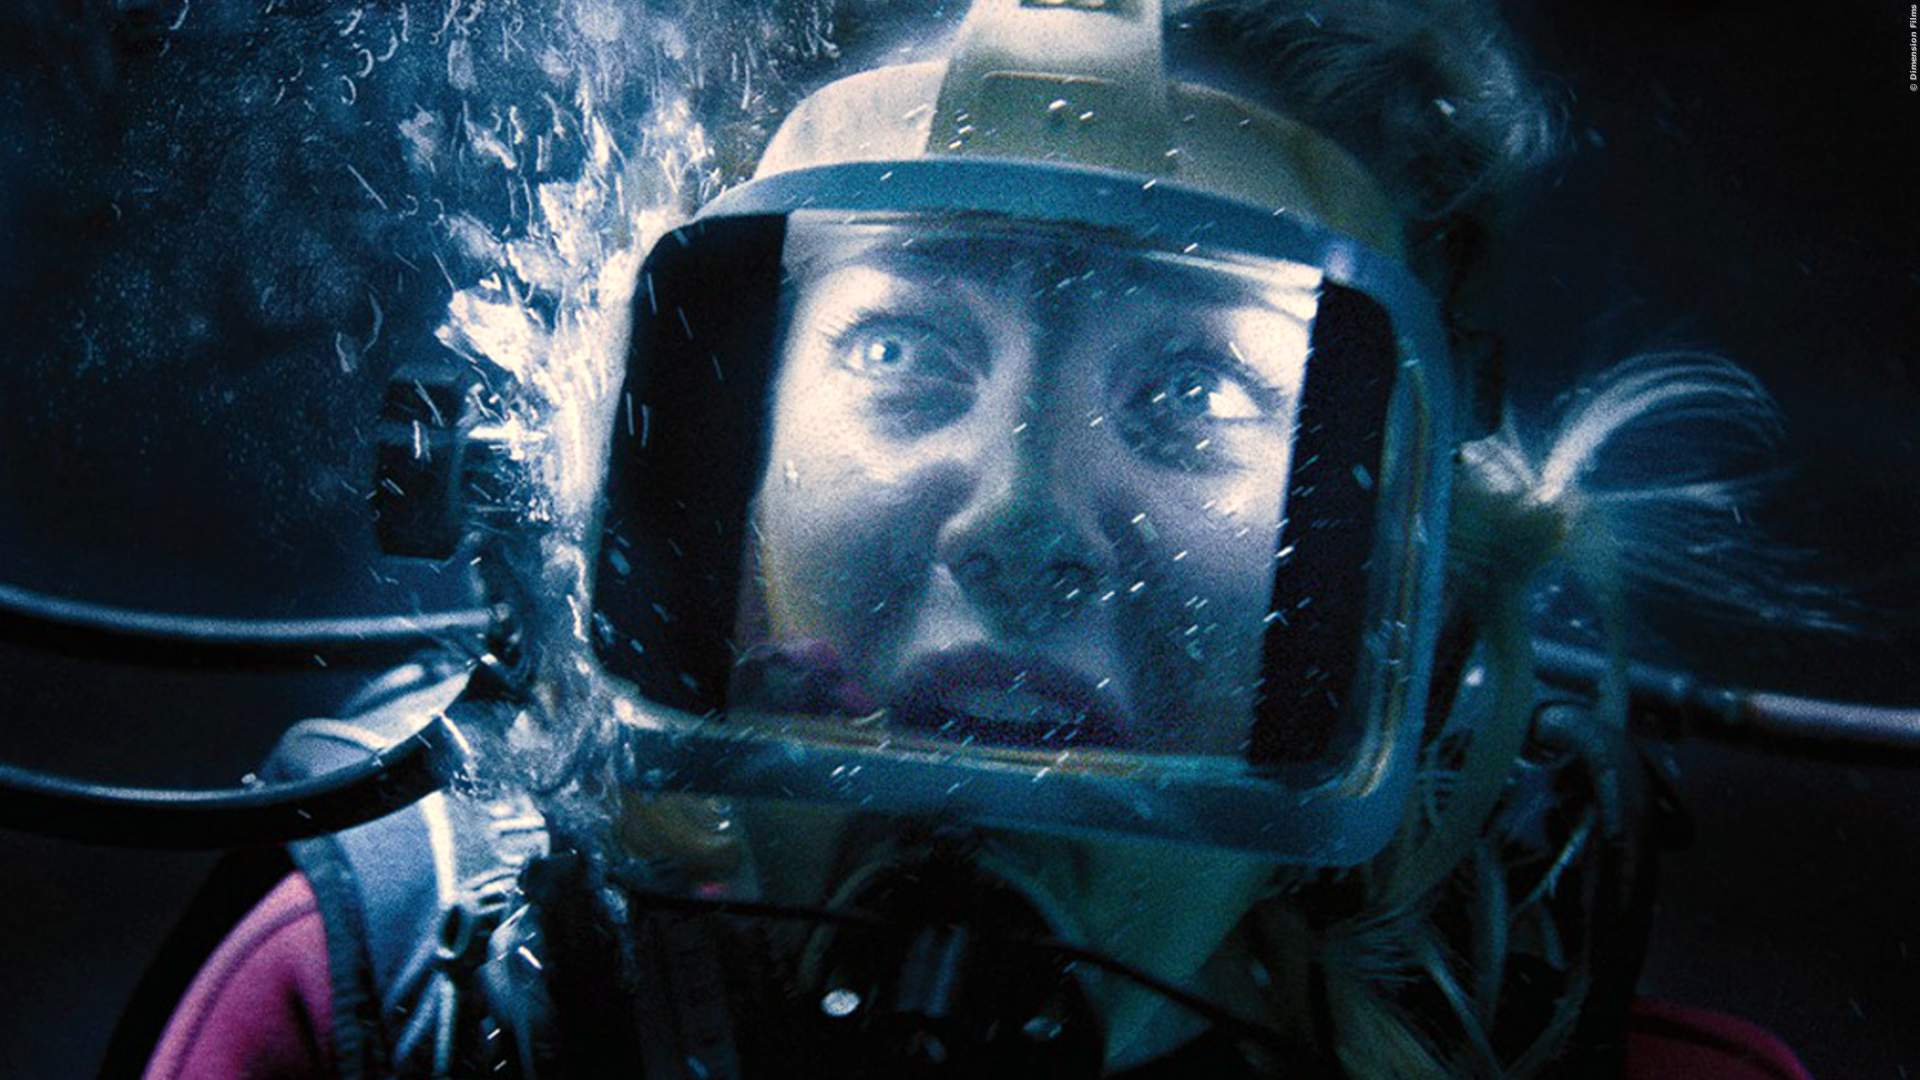 47 METERS DOWN: 'Uncaged' - Erster Trailer zur Horror-Fortsetzung unter Wasser